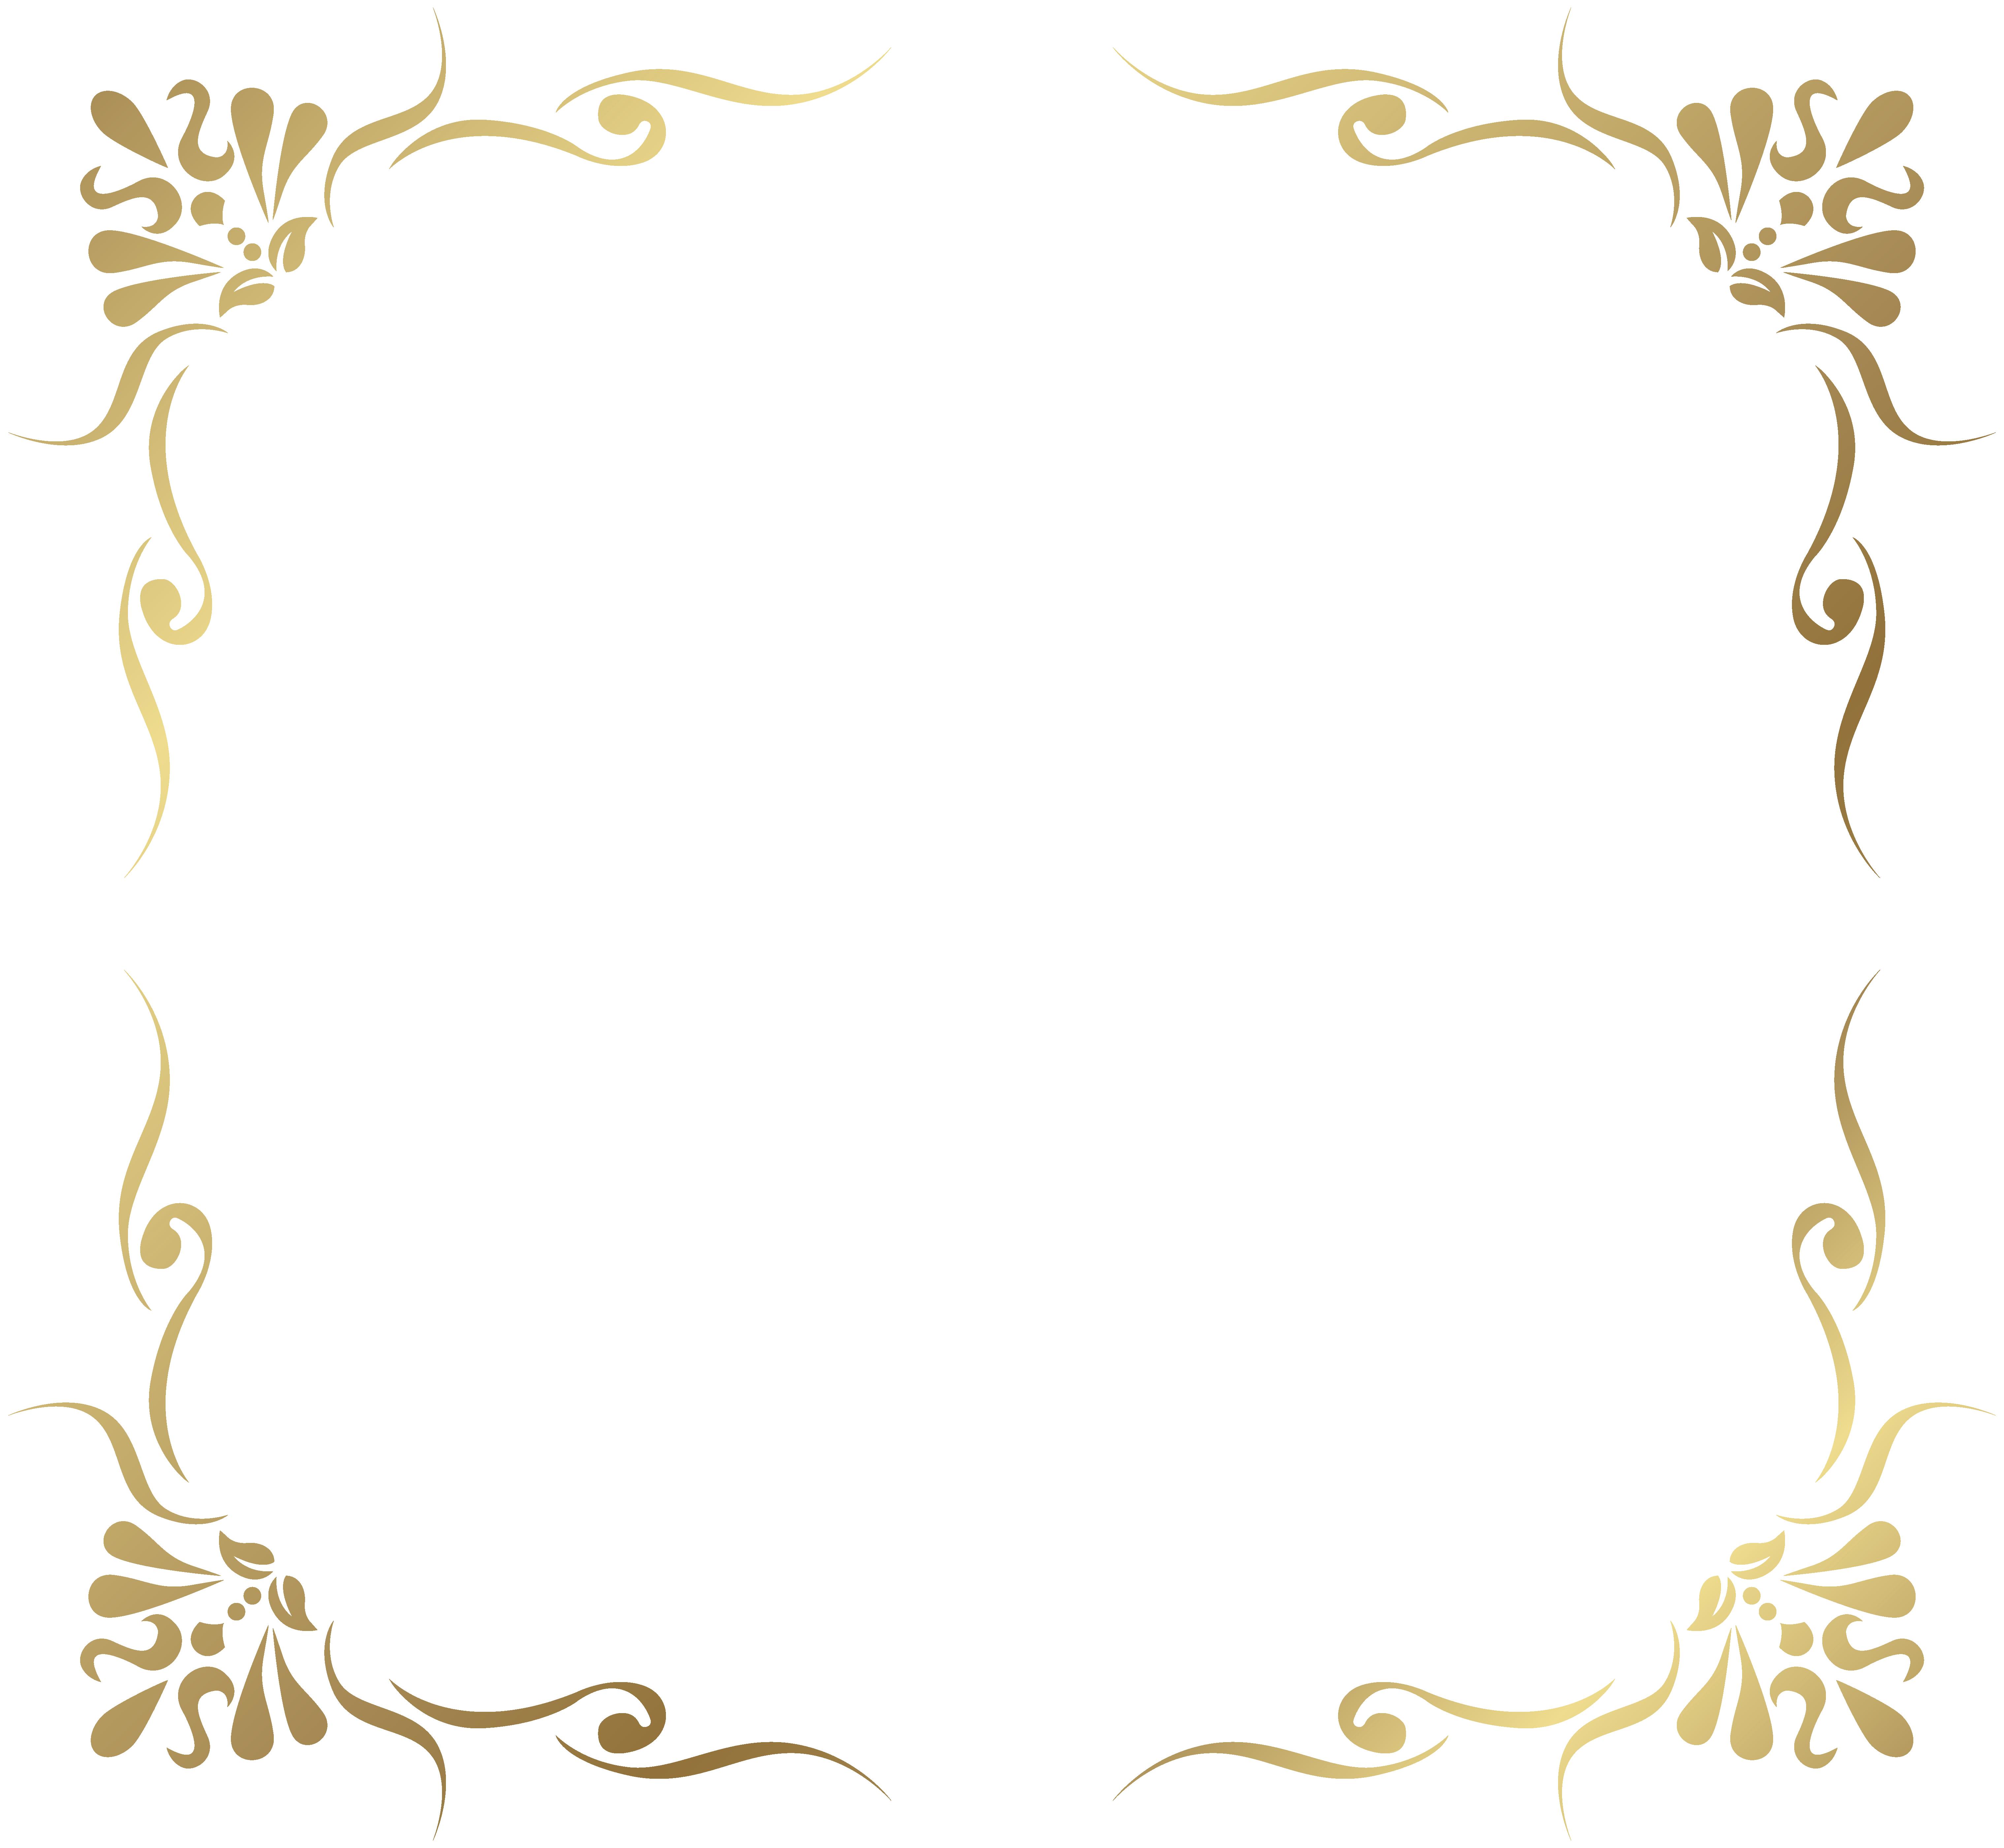 Elements clipart transparent Frame View Picture size Transparent